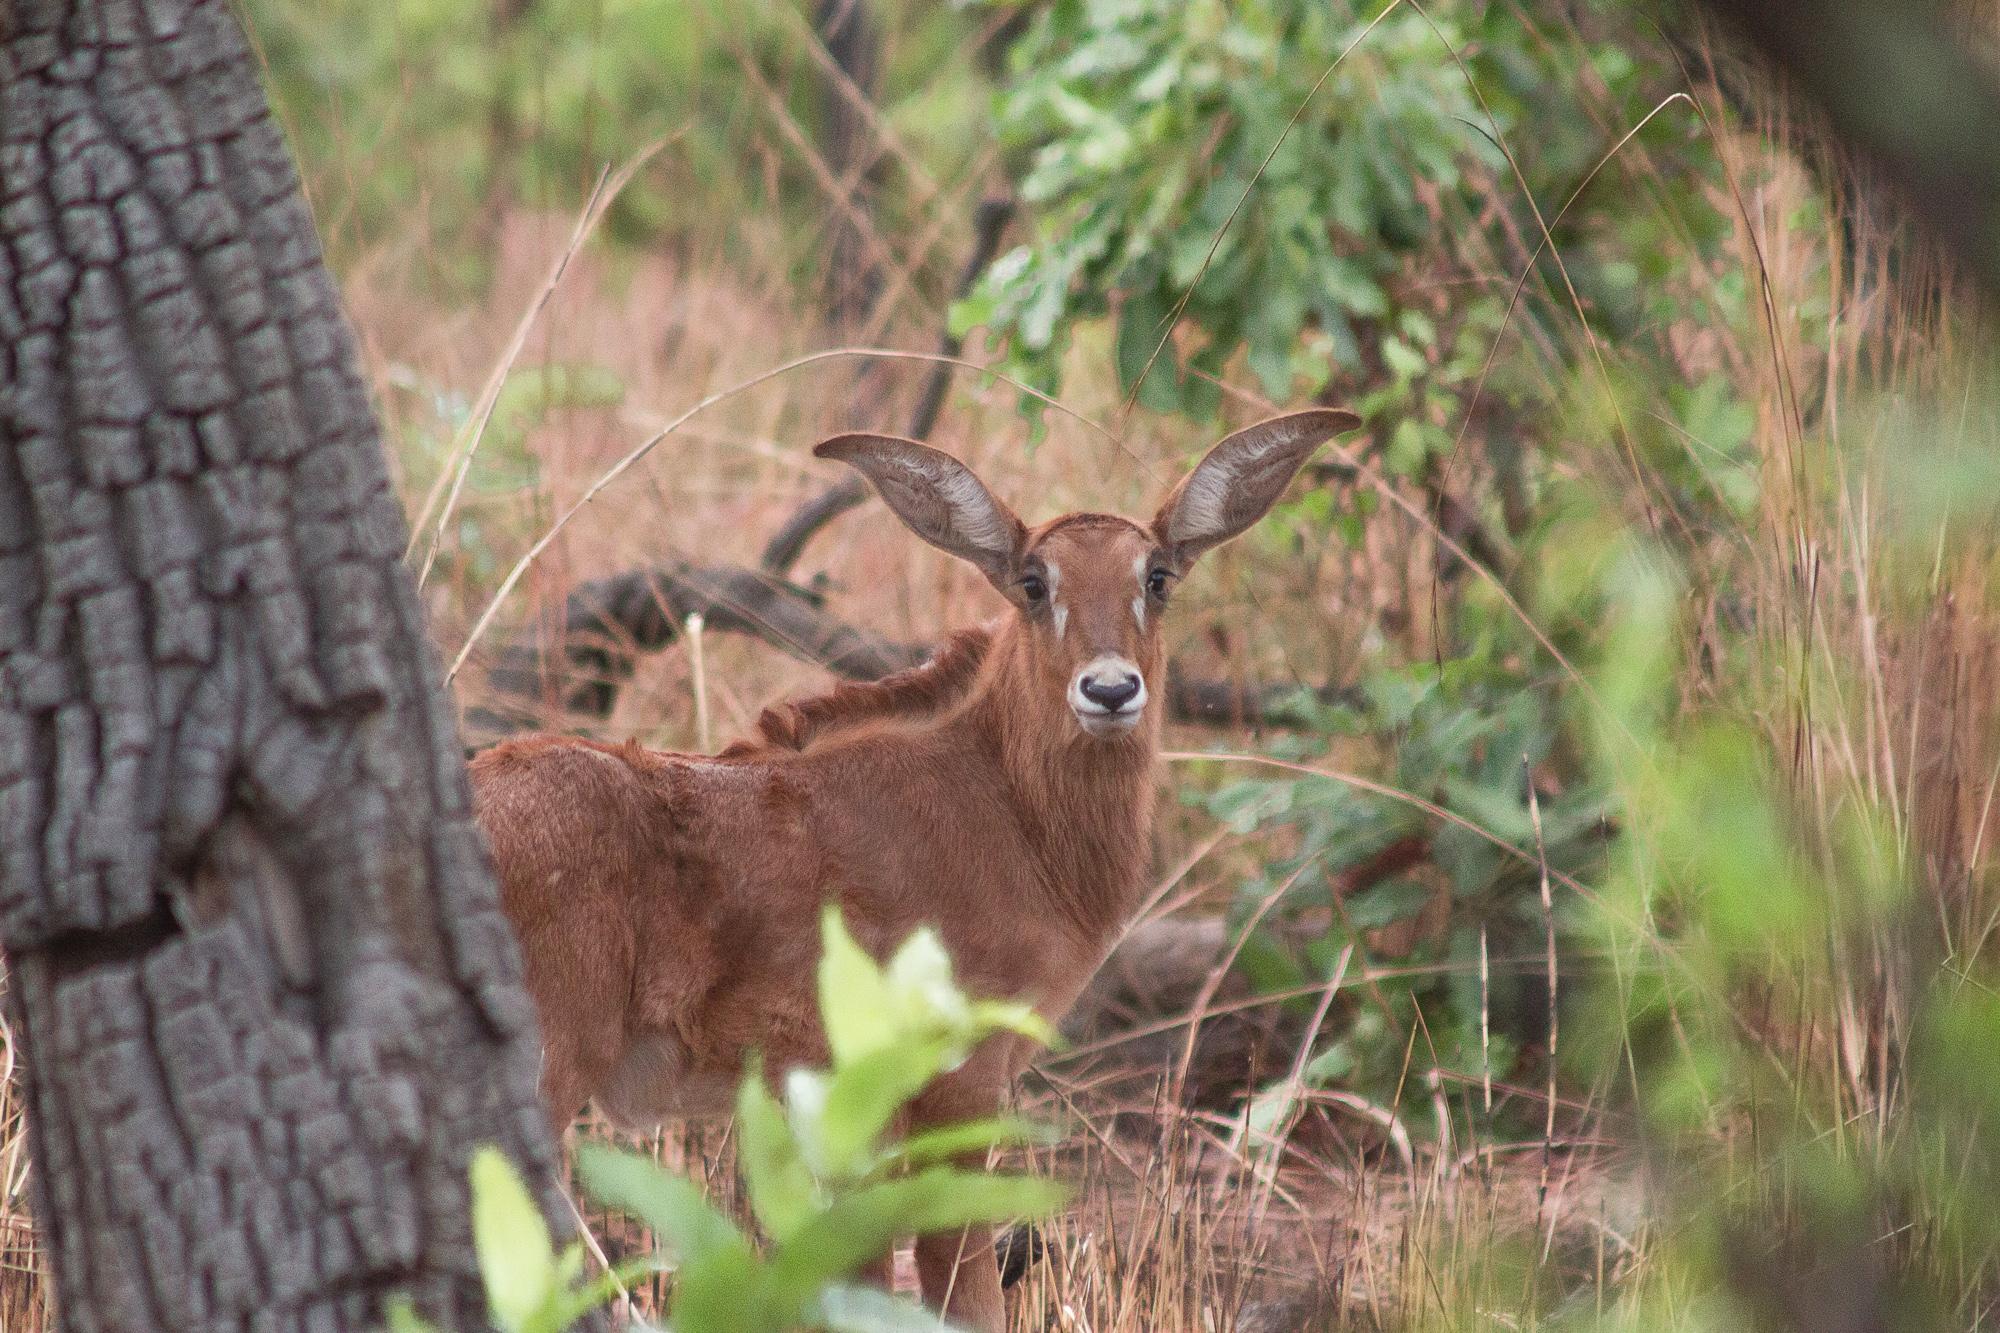 Antilope cheval ou hippotrague dans la réserve de Nazinga, Burkina Faso